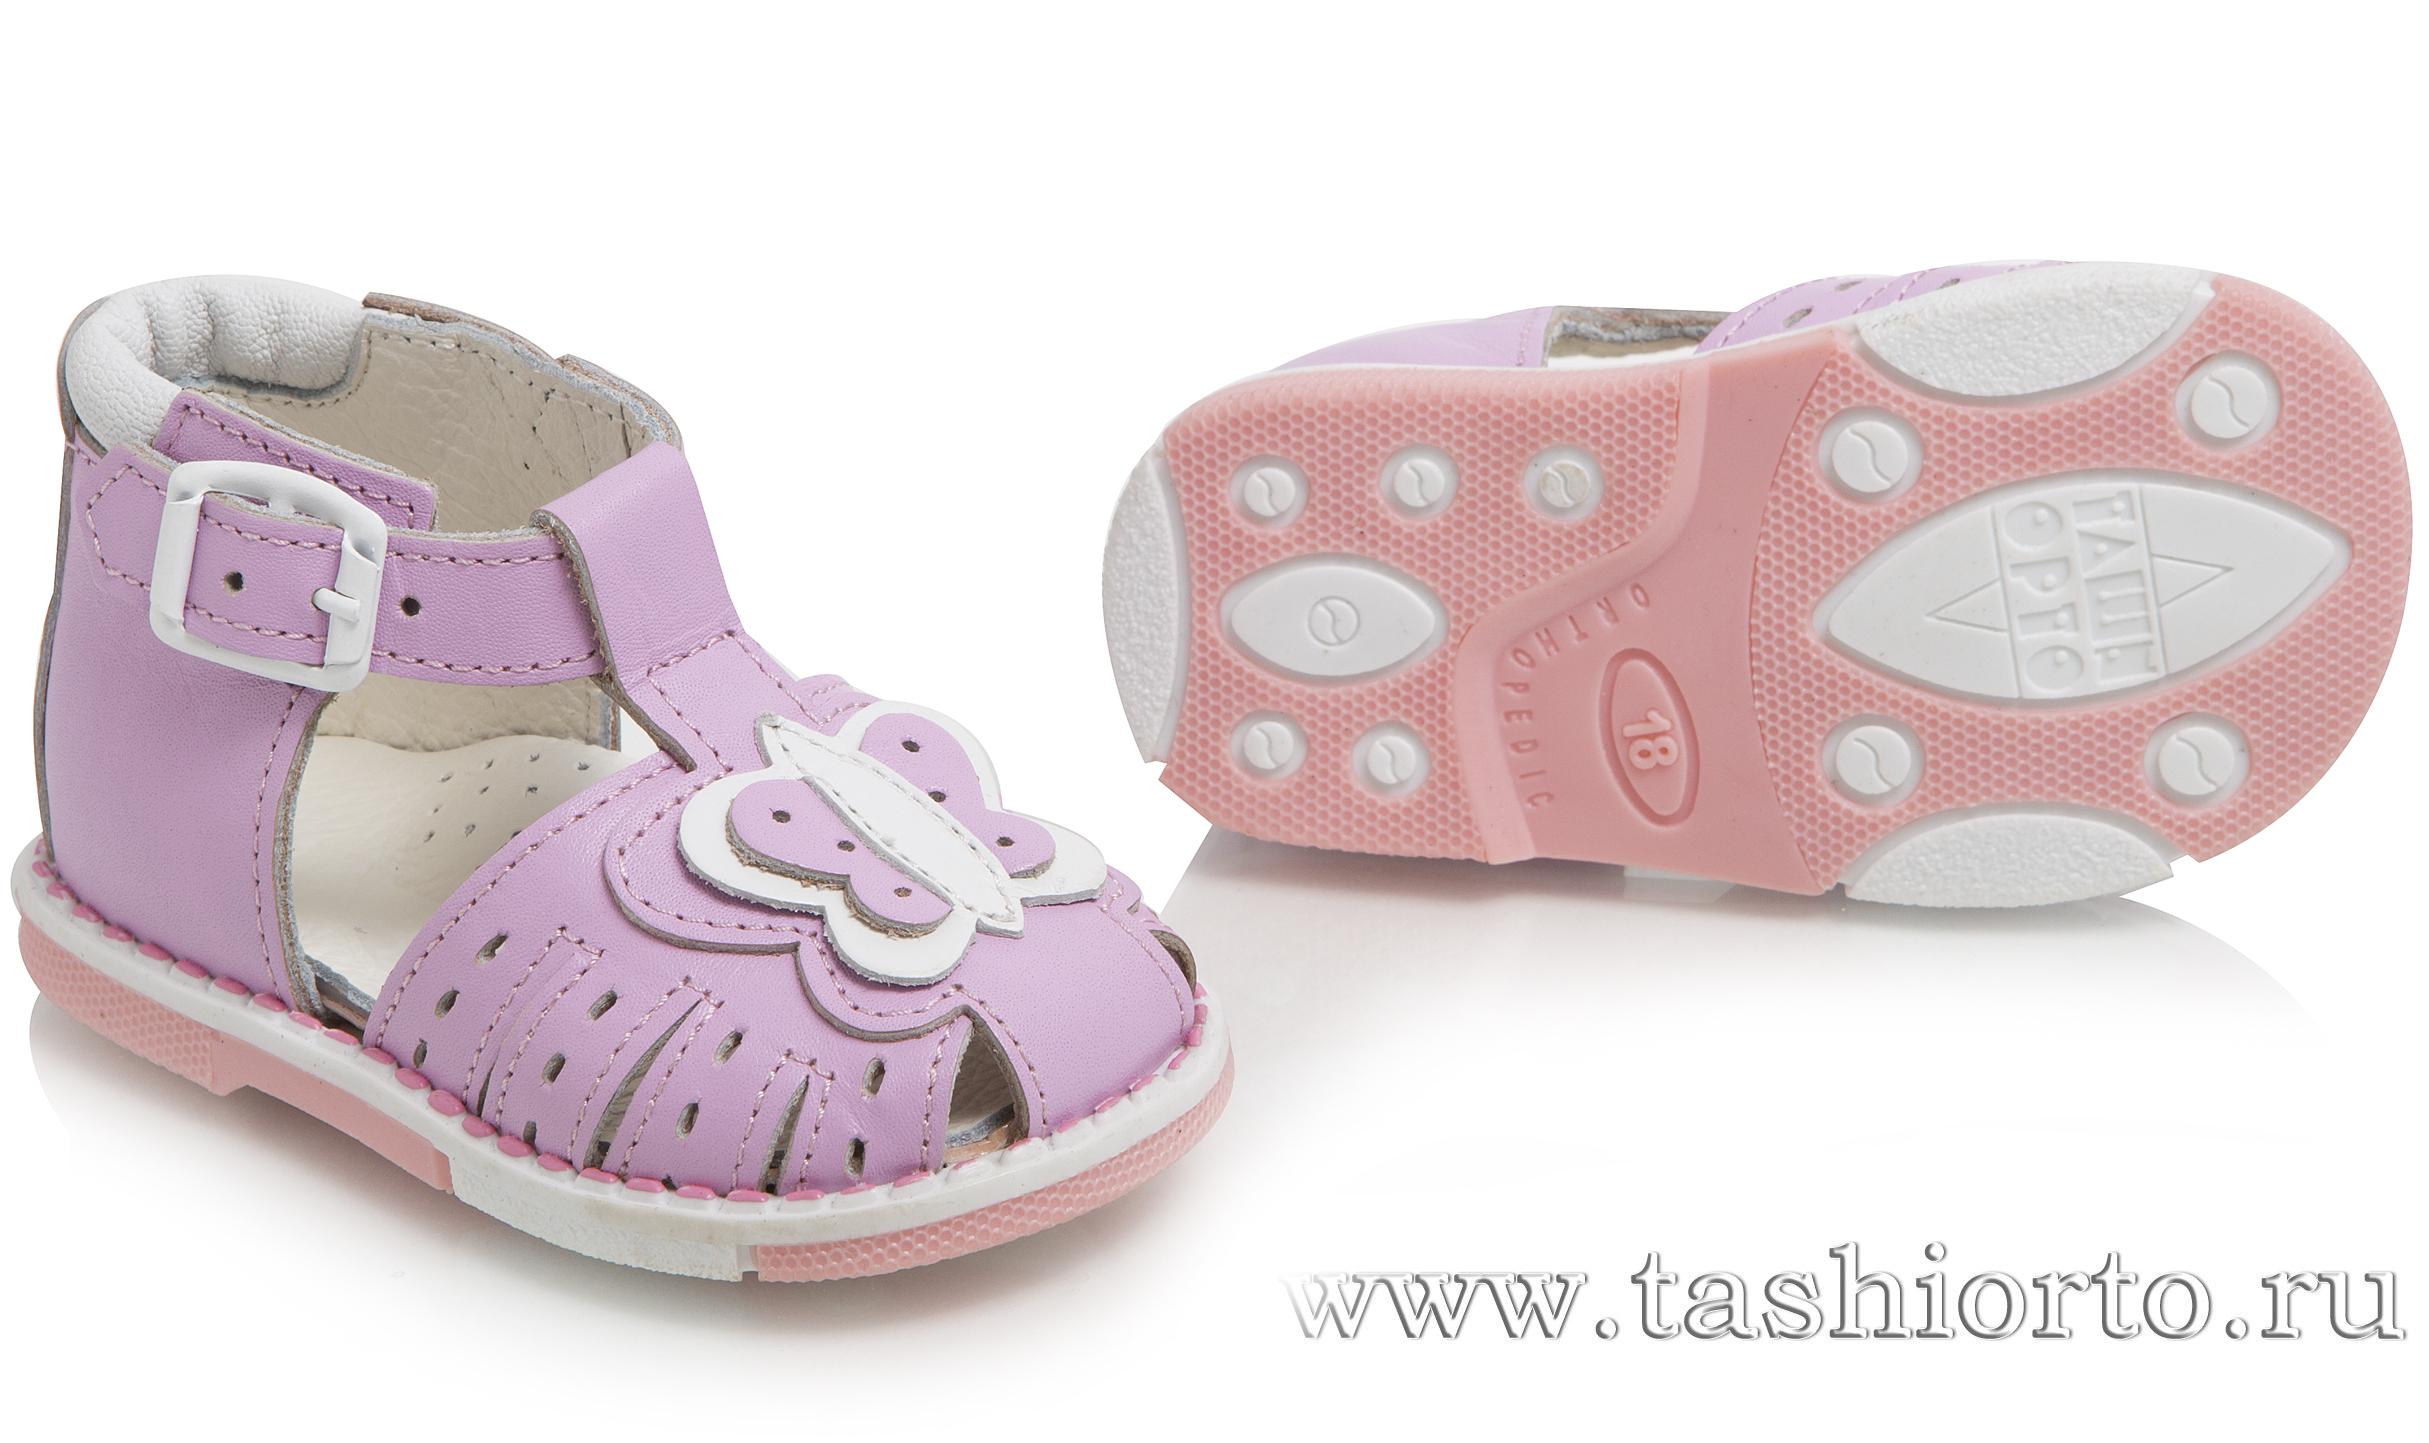 Основные отличия ортопедической и профилактической обуви для детей